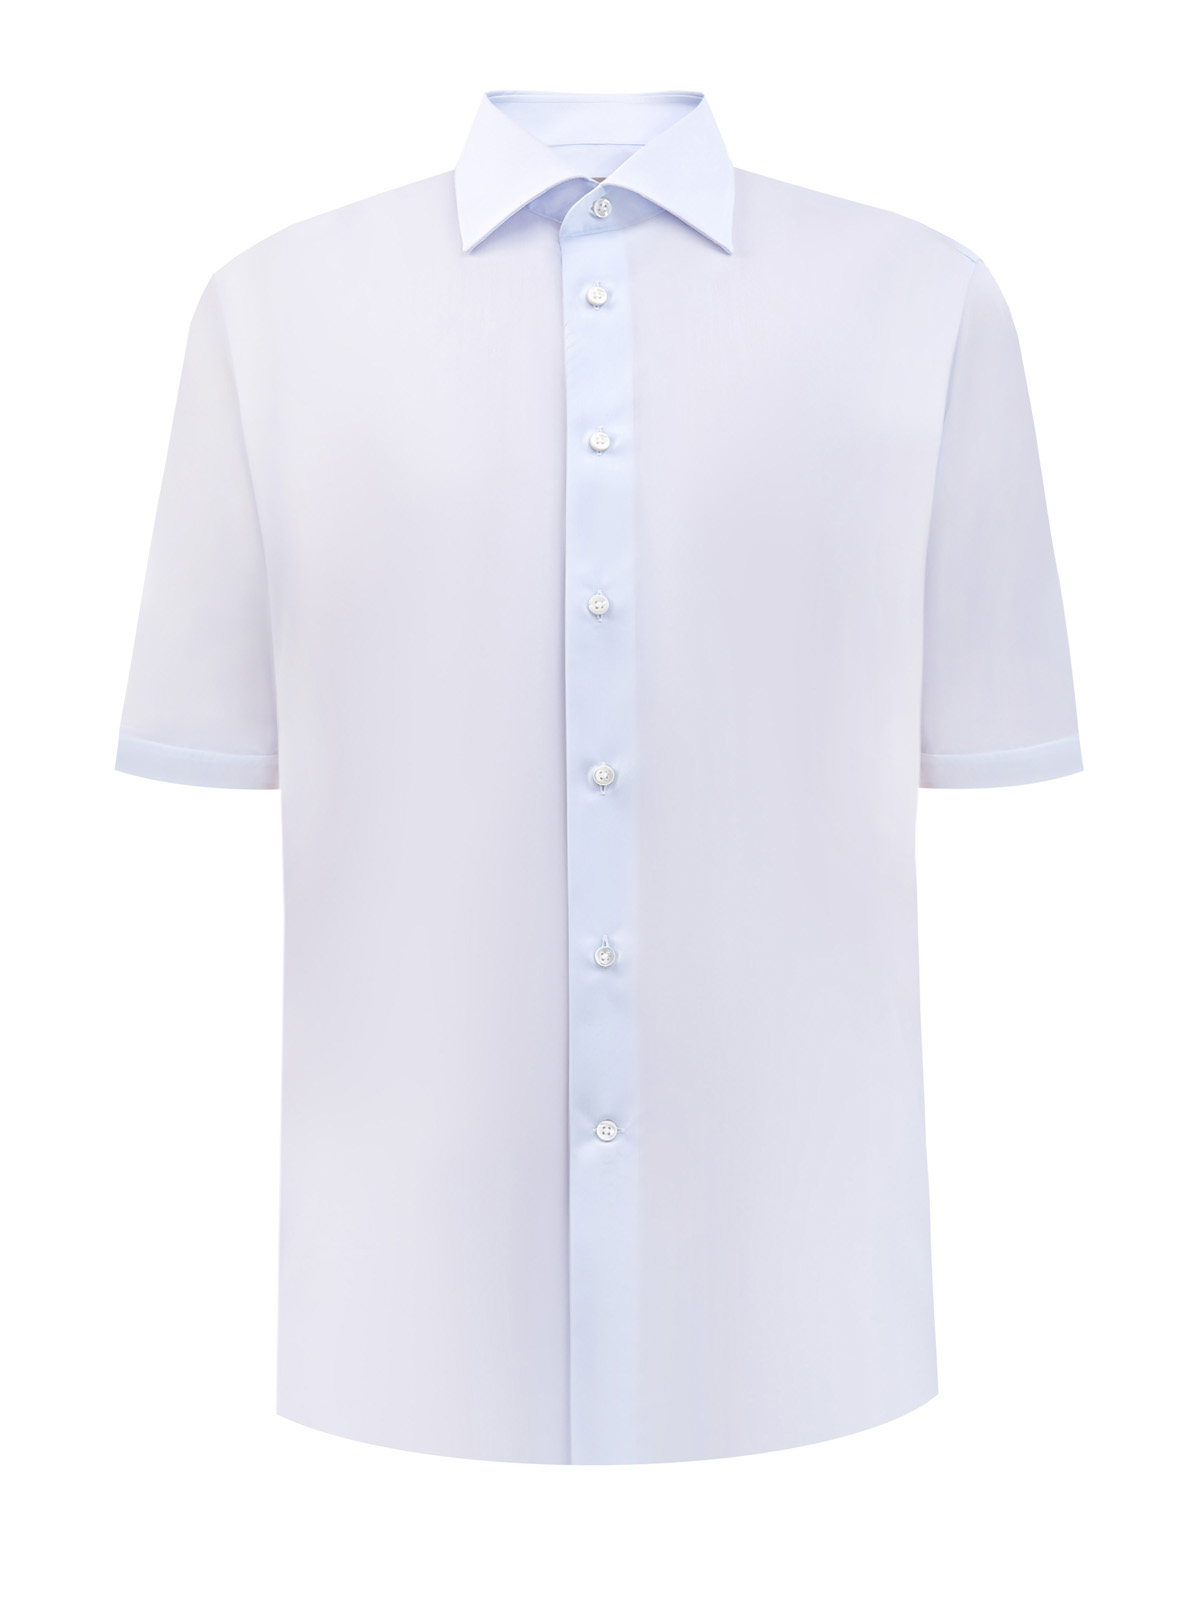 Рубашка из гладкого хлопка Impeccabile с короткими рукавами